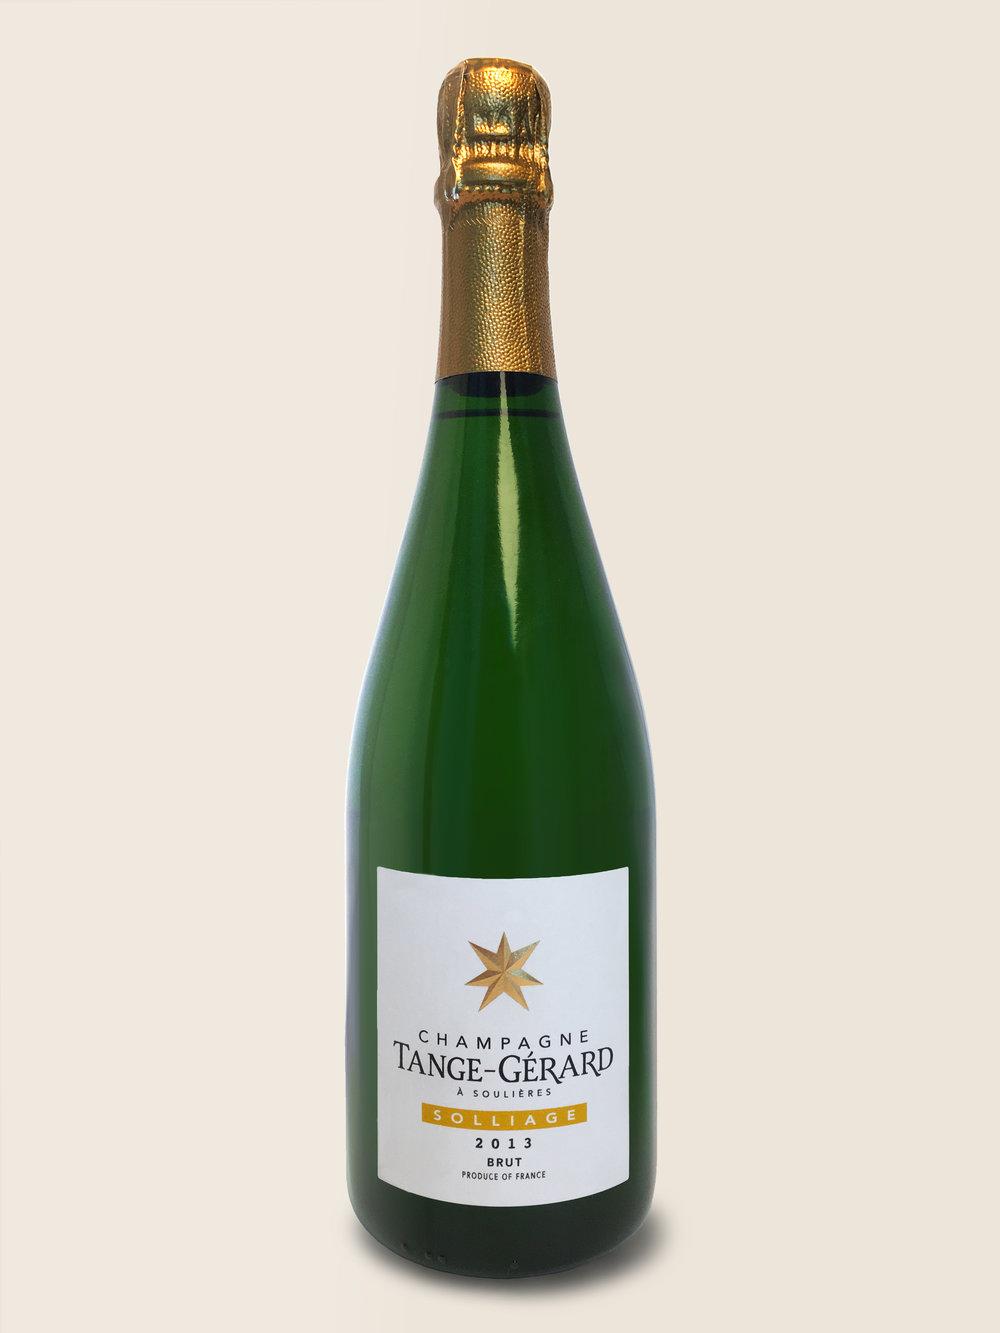 Solliage - Solliage a un goût très frais avec beaucoup de EDGE. C'est un blanc de blancs, 100% Chardonnay, issue de l'année de 2013, particulièrement tardive. Nombre limité de 3.000 bouteilles.